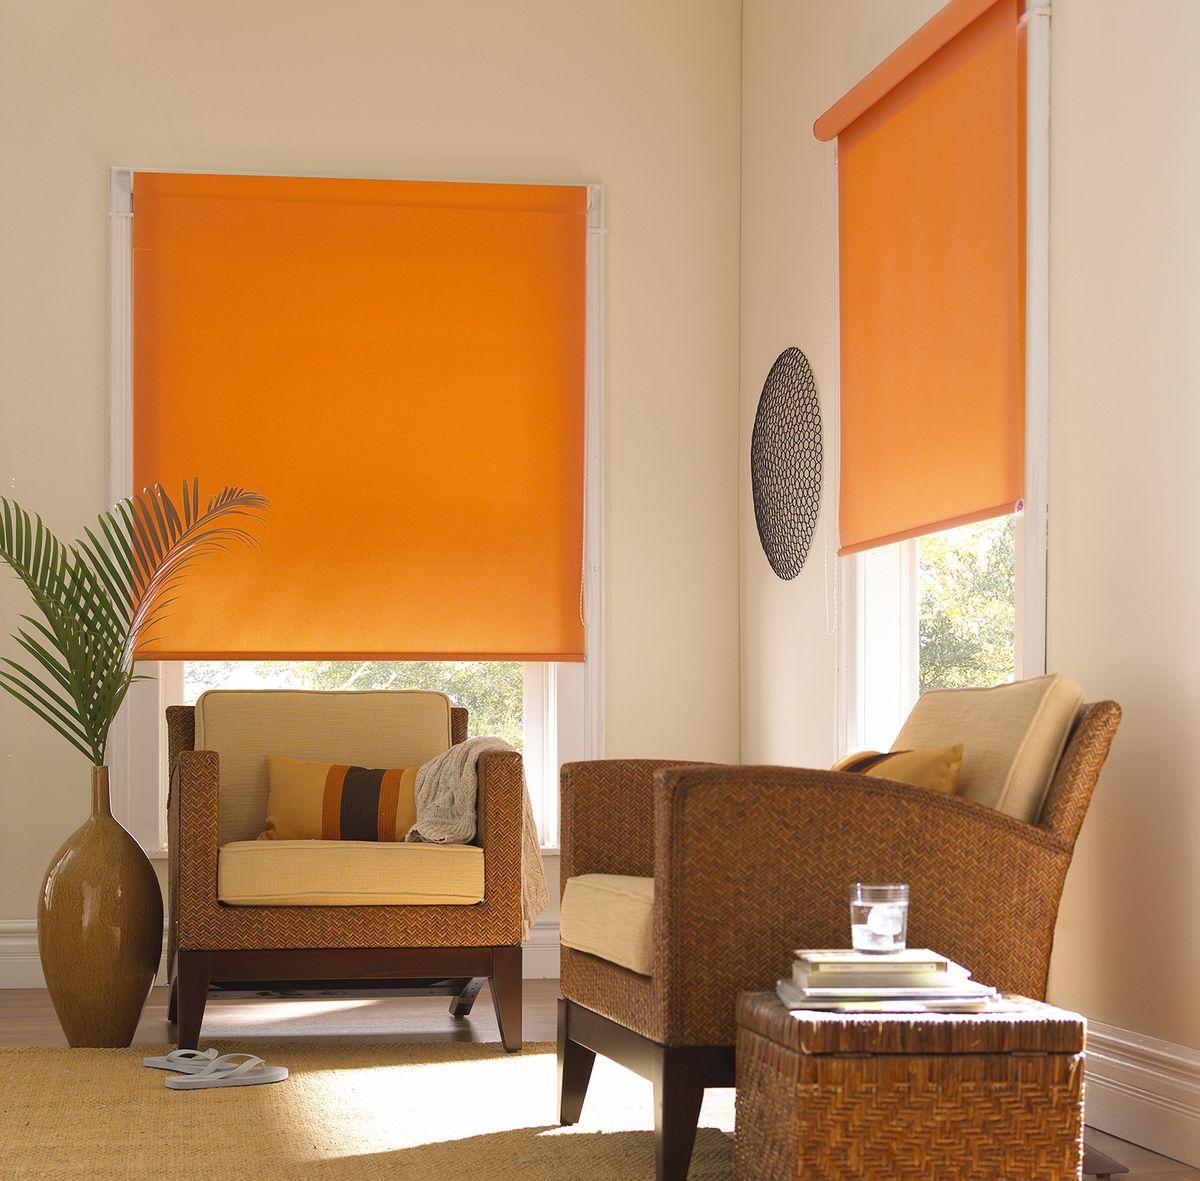 Штора рулонная Эскар Миниролло, цвет: апельсин, ширина 57 см, высота 170 см1004900000360Рулонная штора Эскар Миниролло выполнена из высокопрочной ткани, которая сохраняет свой размер даже при намокании. Ткань не выцветает и обладает отличной цветоустойчивостью.Миниролло - это подвид рулонных штор, который закрывает не весь оконный проем, а непосредственно само стекло. Такие шторы крепятся на раму без сверления при помощи зажимов или клейкой двухсторонней ленты (в комплекте). Окно остается на гарантии, благодаря монтажу без сверления. Такая штора станет прекрасным элементом декора окна и гармонично впишется в интерьер любого помещения.